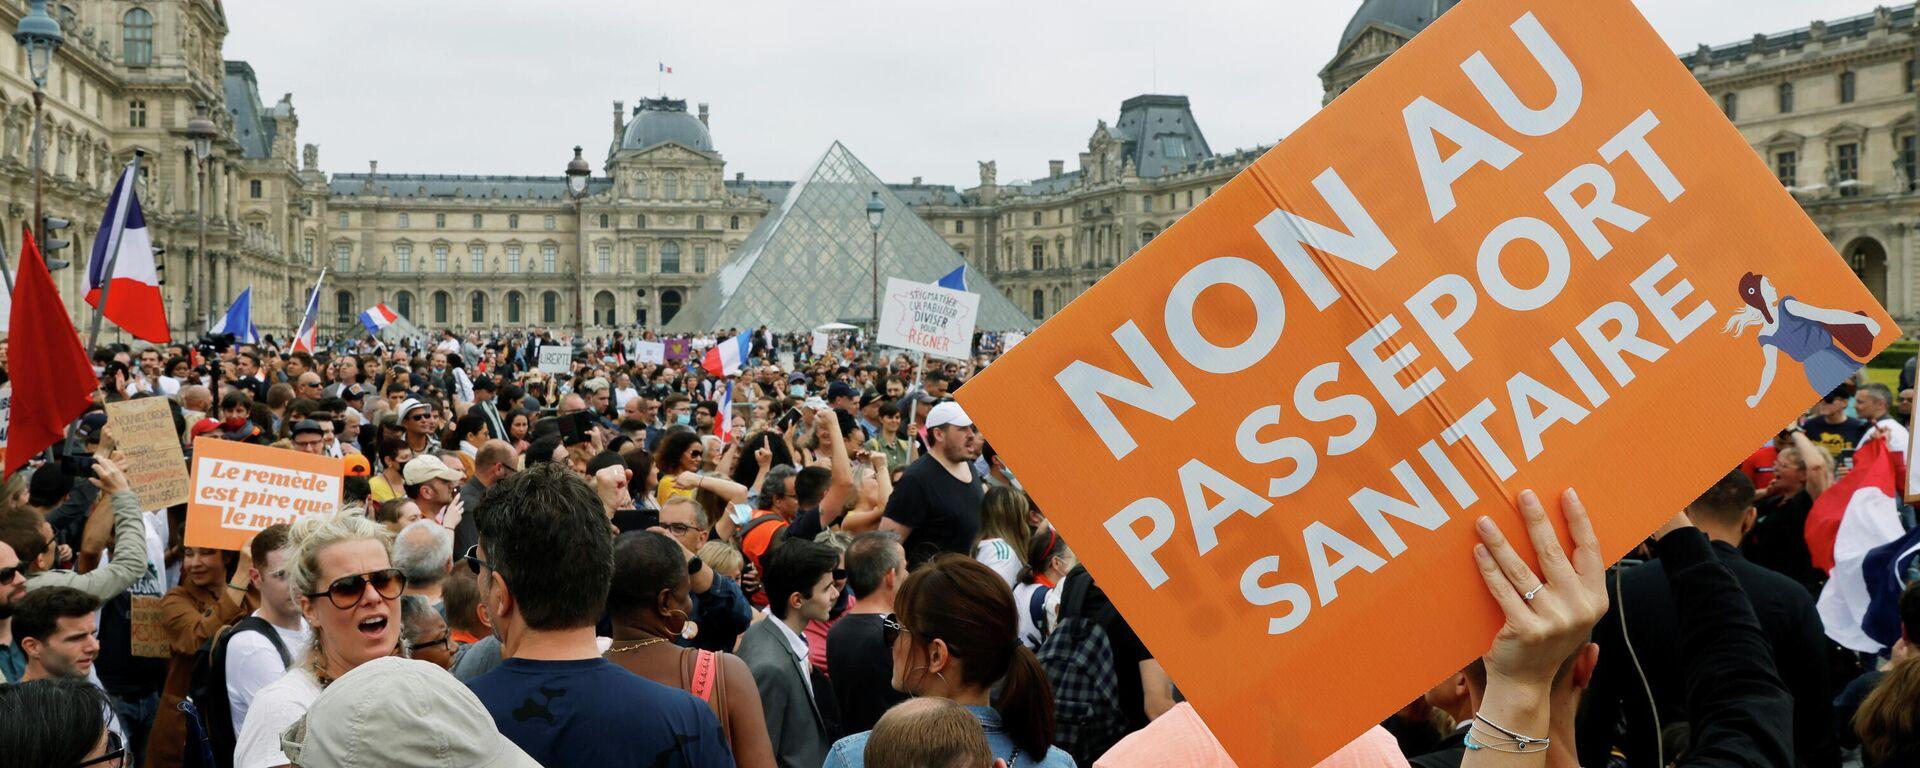 Demo gegen Gesundheitspässe und Impfpflicht in Paris (Archivbild) - SNA, 1920, 25.07.2021